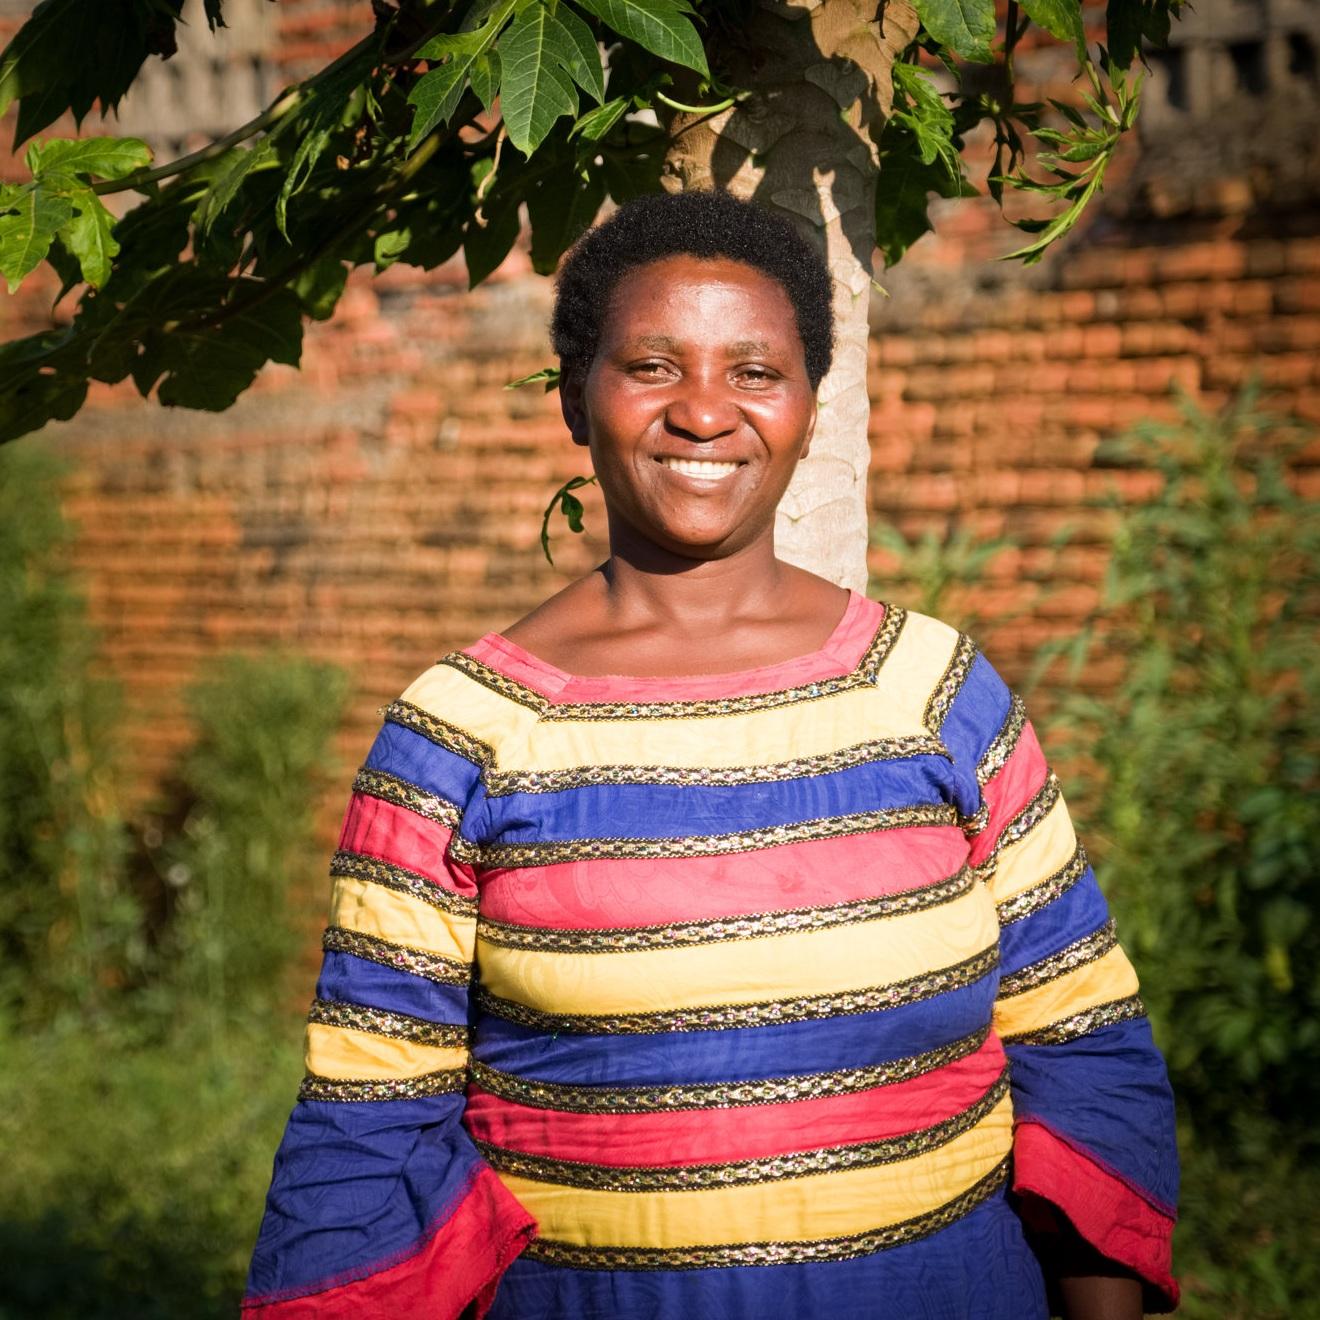 RW+Ubushobozi+Women+60.jpg